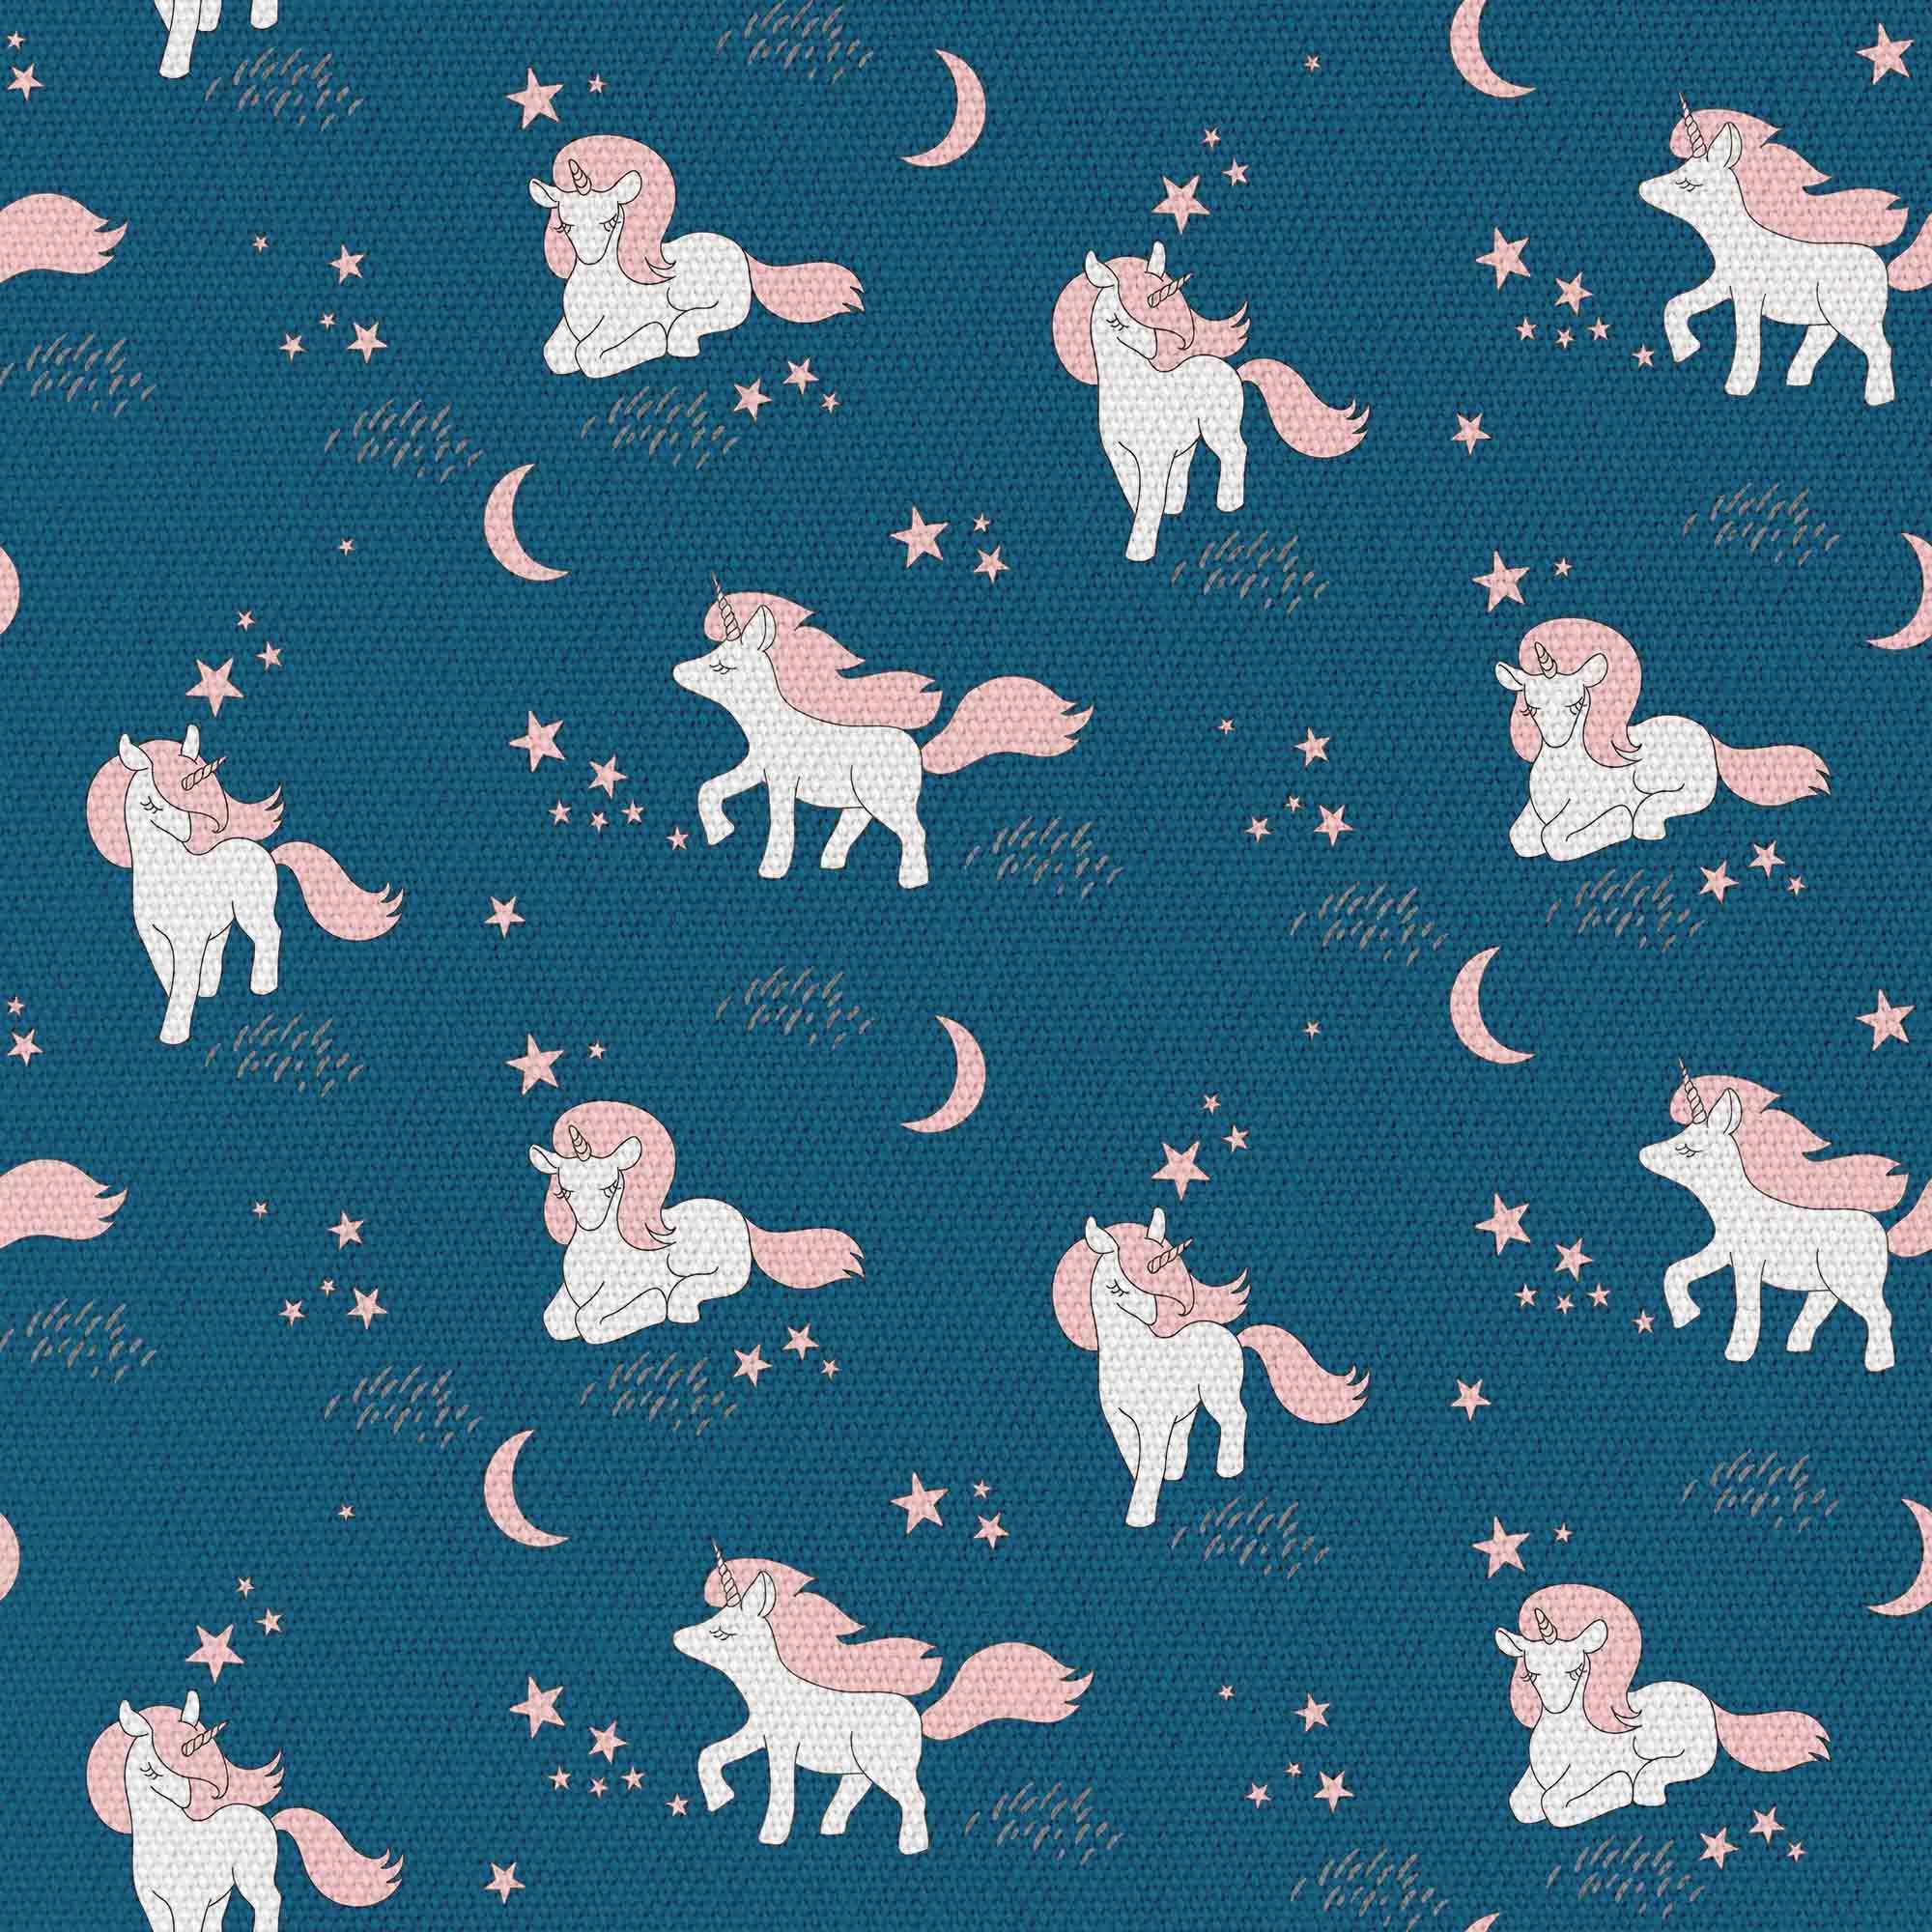 Magical Pink Unicorns